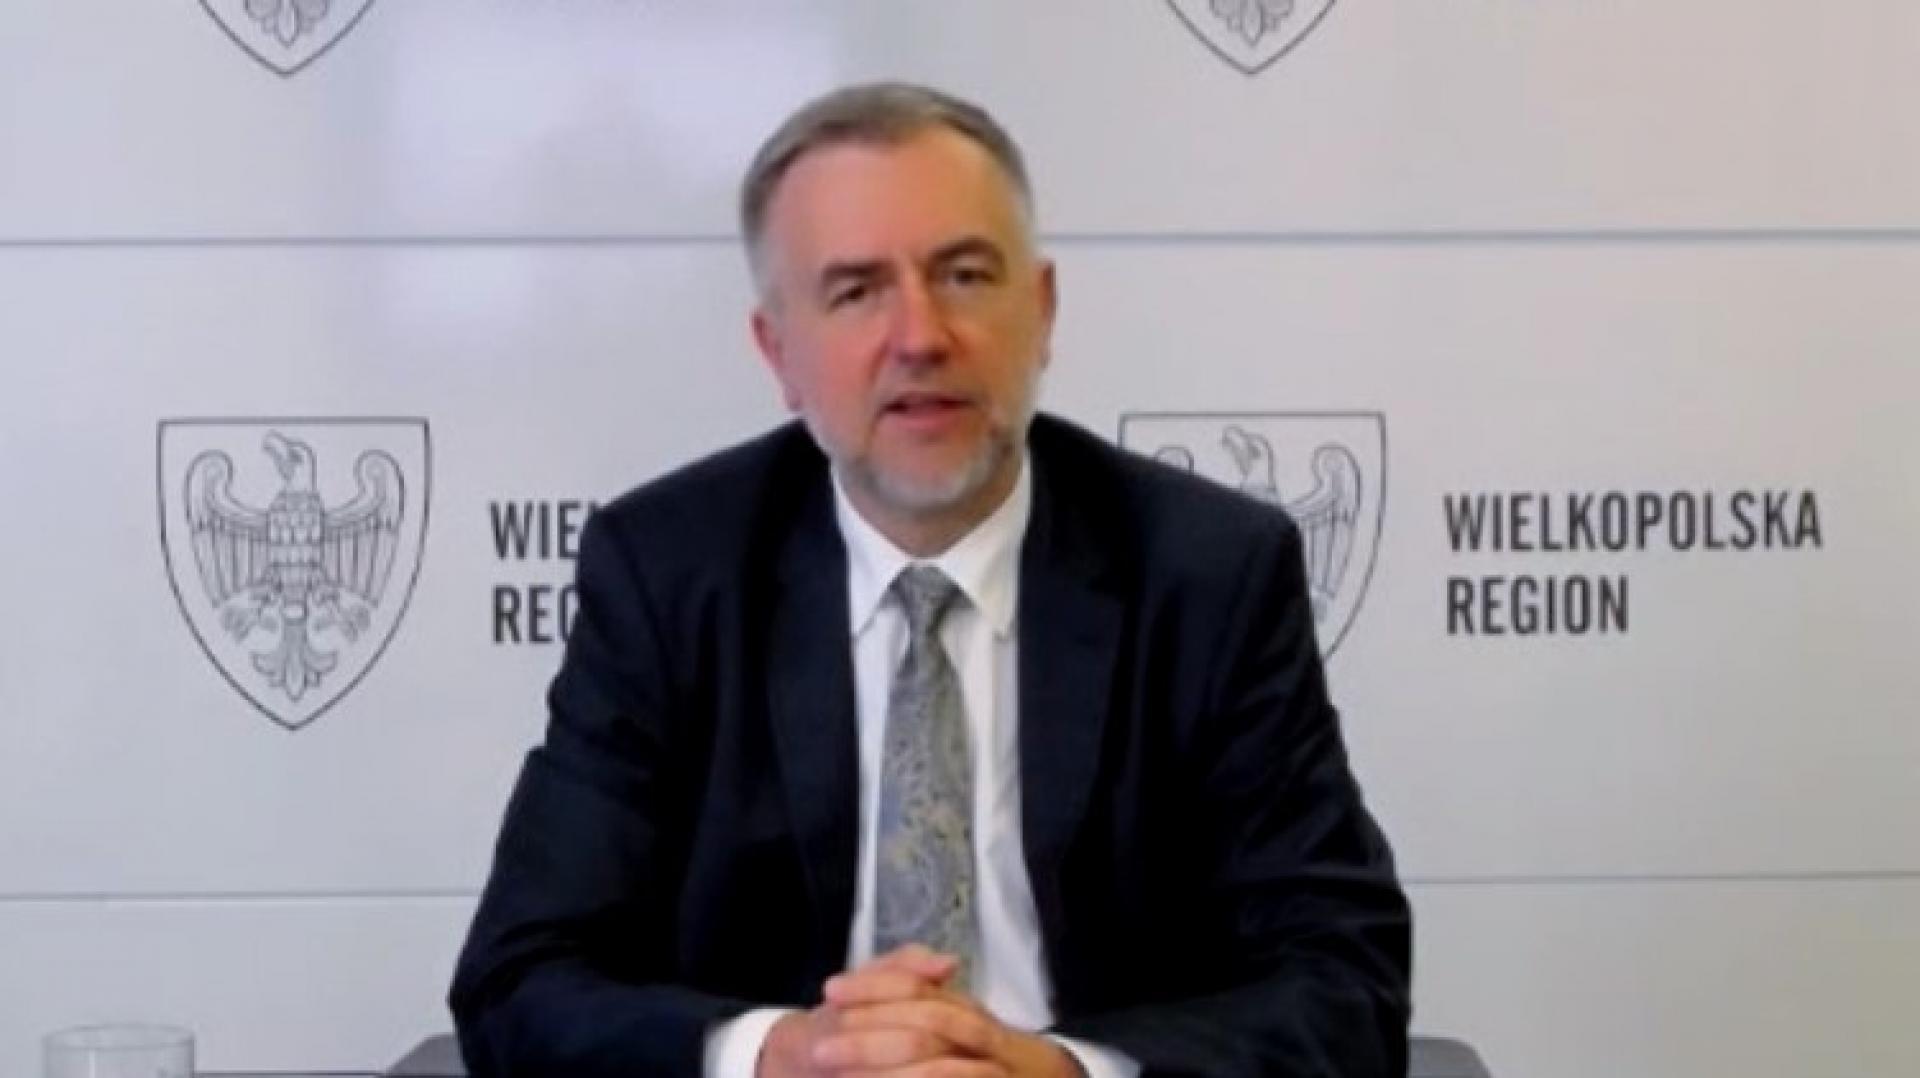 Marszałek M. Woźniak dyskutuje z unijną Komisarz E. Ferreirą nt. roli regionów w odbudowie Europy - zobacz więcej